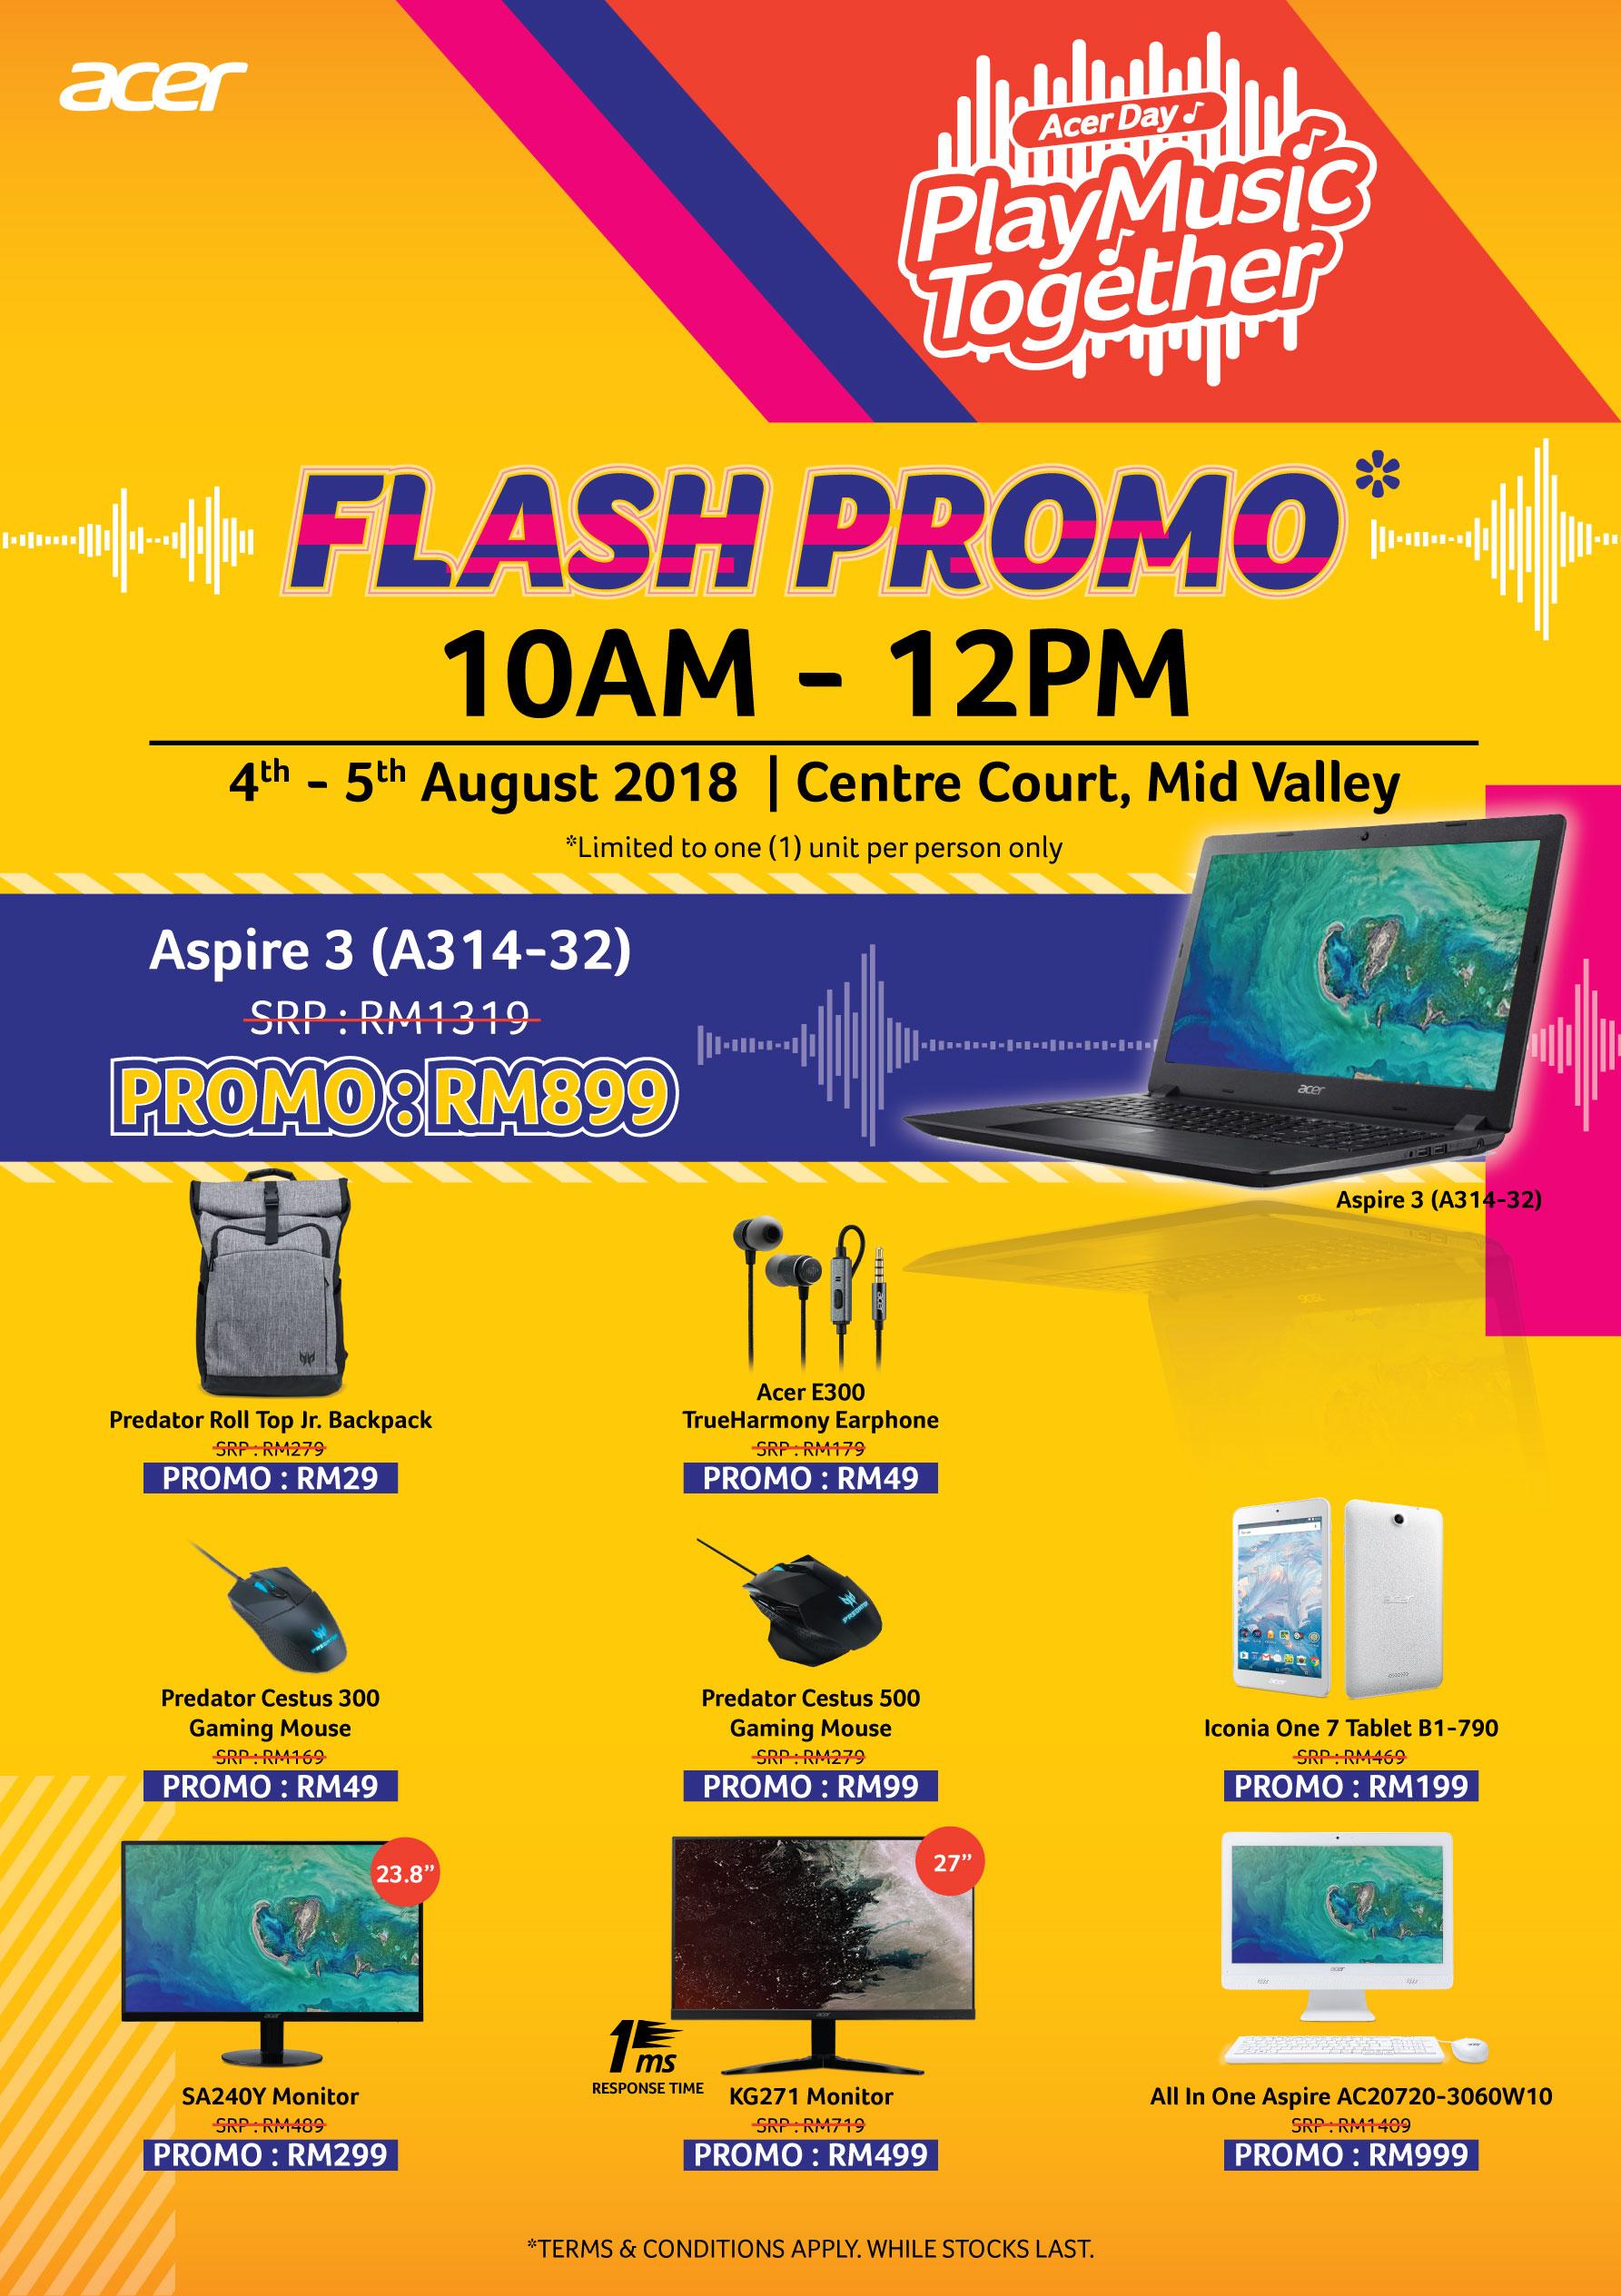 Acer邀你一同参与音乐盛会!参与Acer Day将有机会赢取多款电子产品,还有4天3夜台湾旅游!